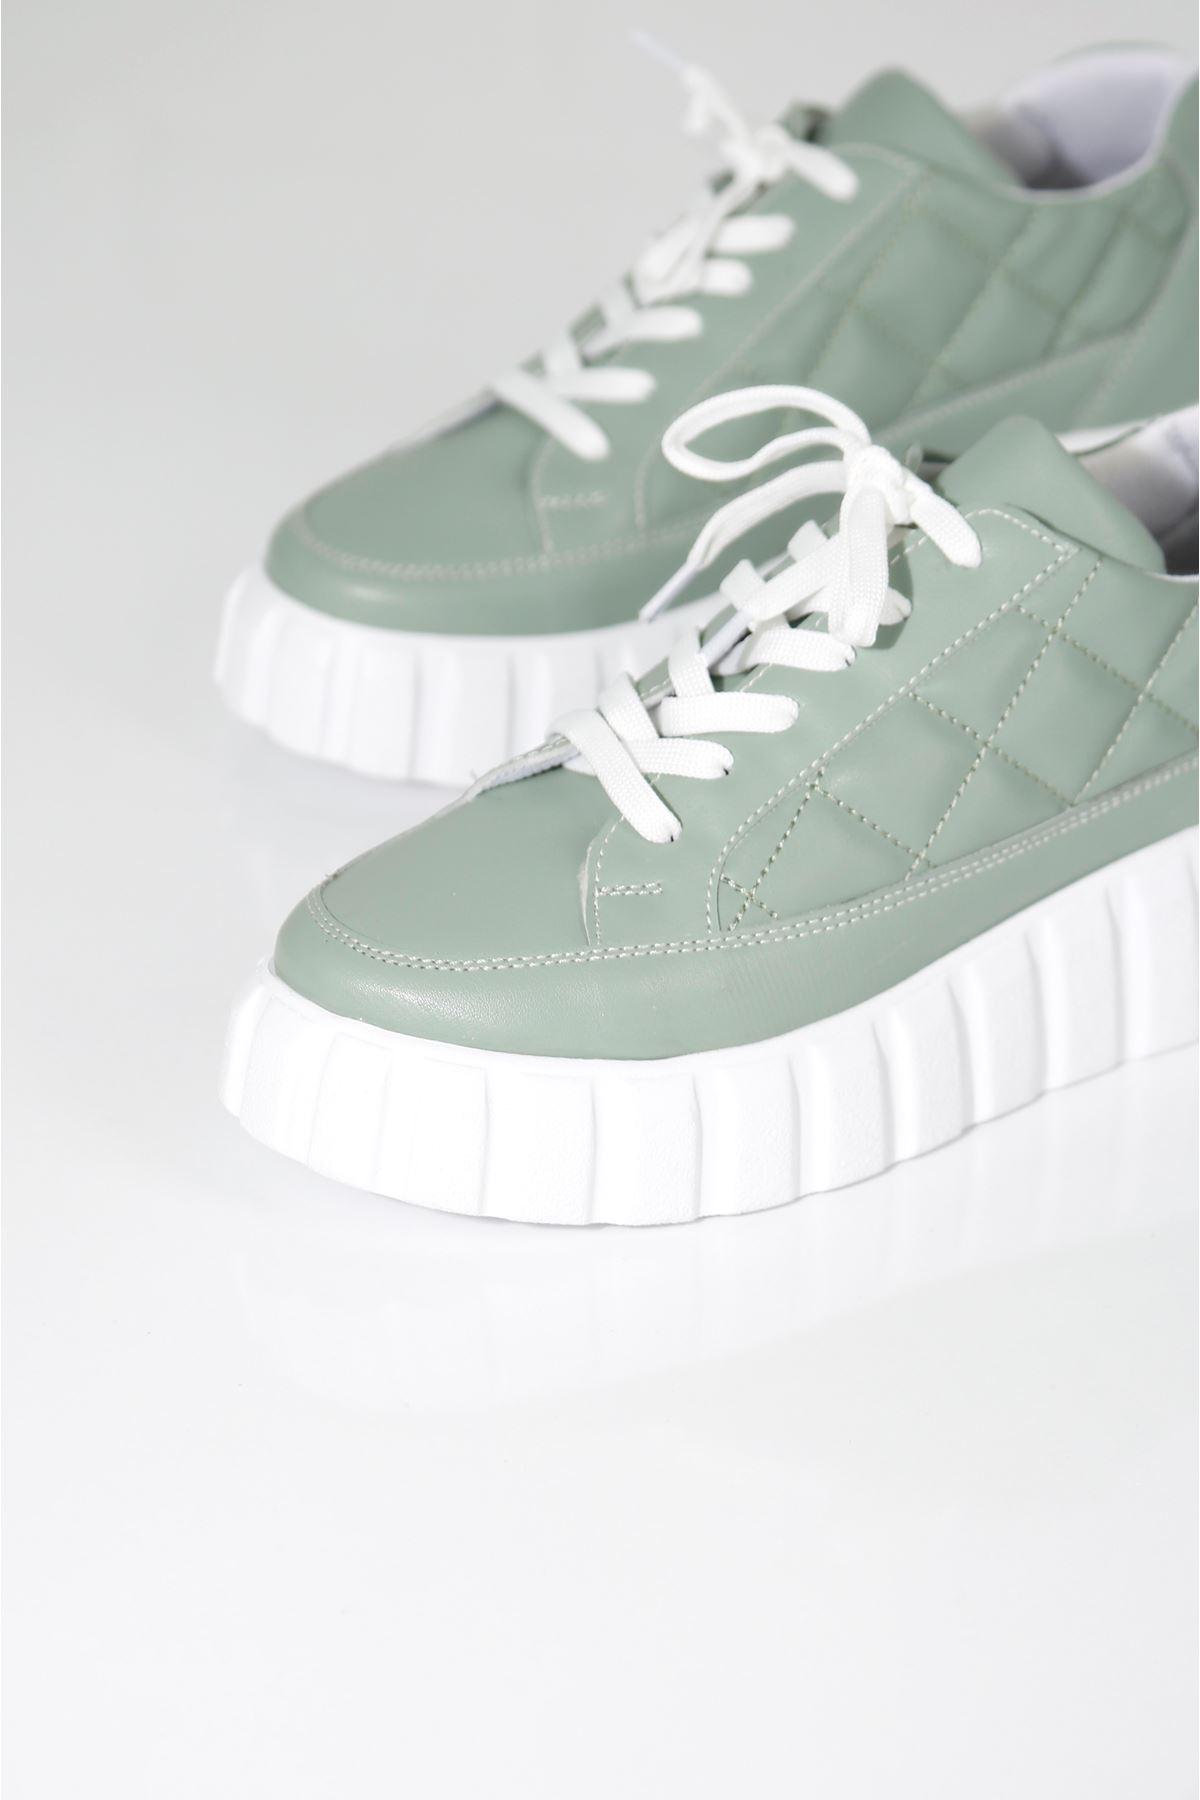 SOFT Mint Yeşili Kadın Spor Ayakkabı